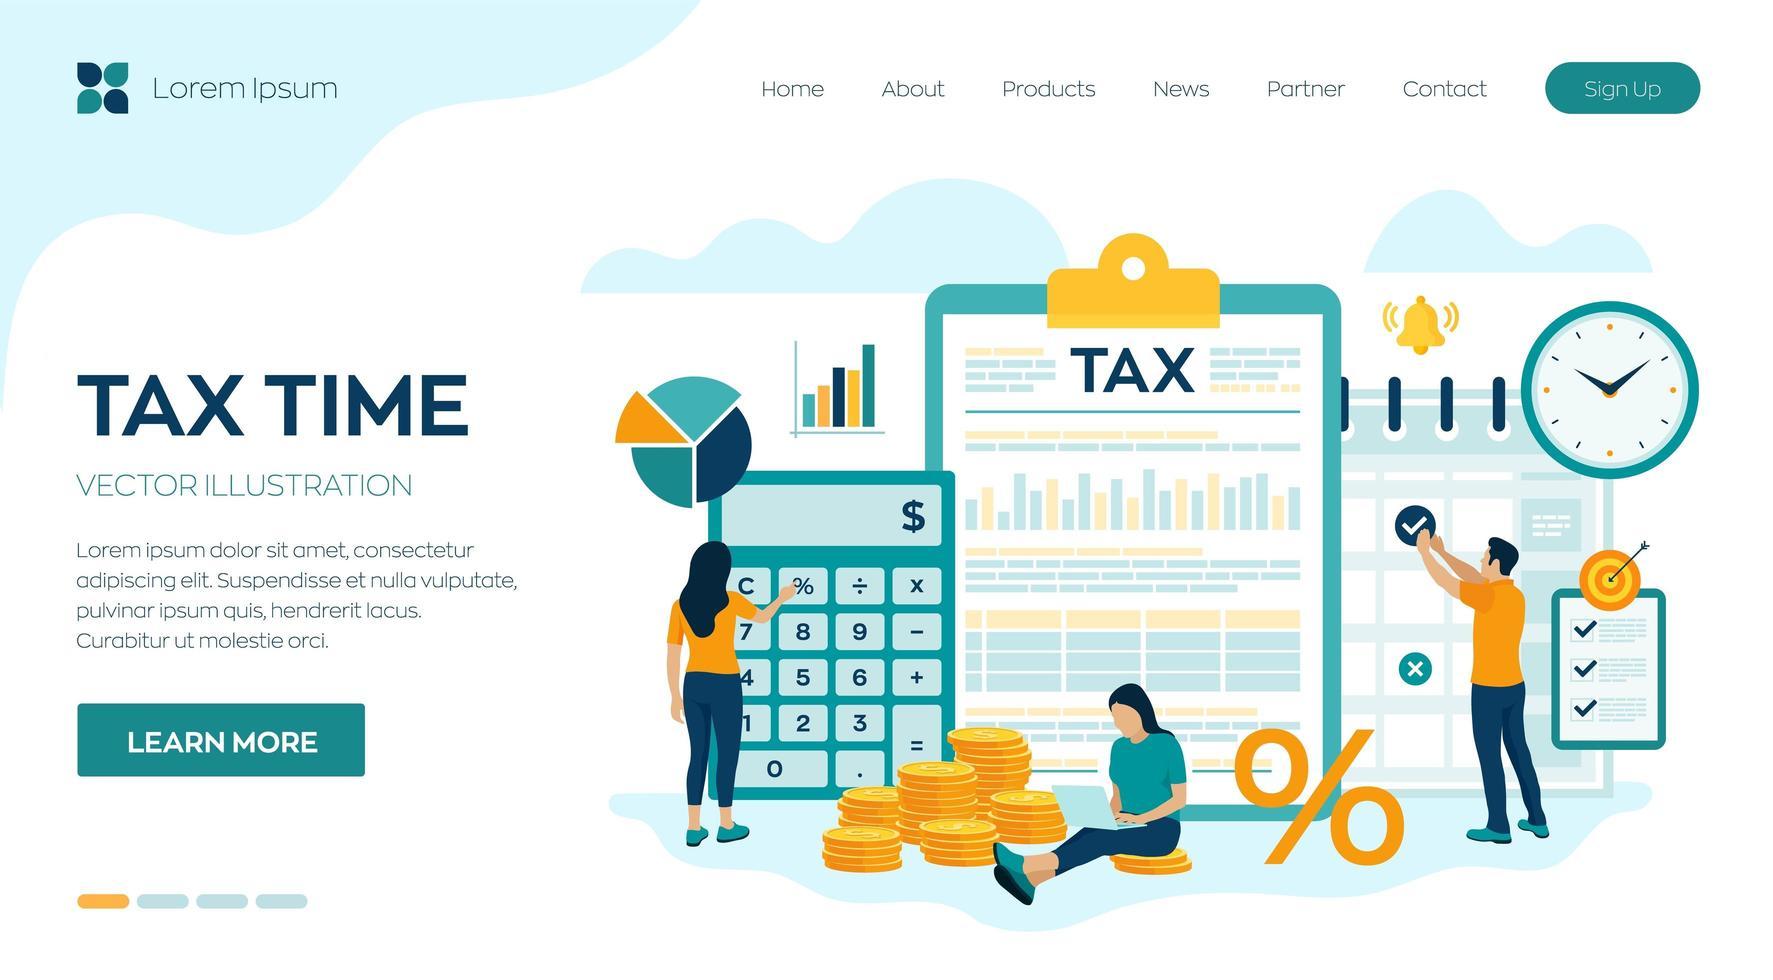 análisis de datos investigación financiera vector